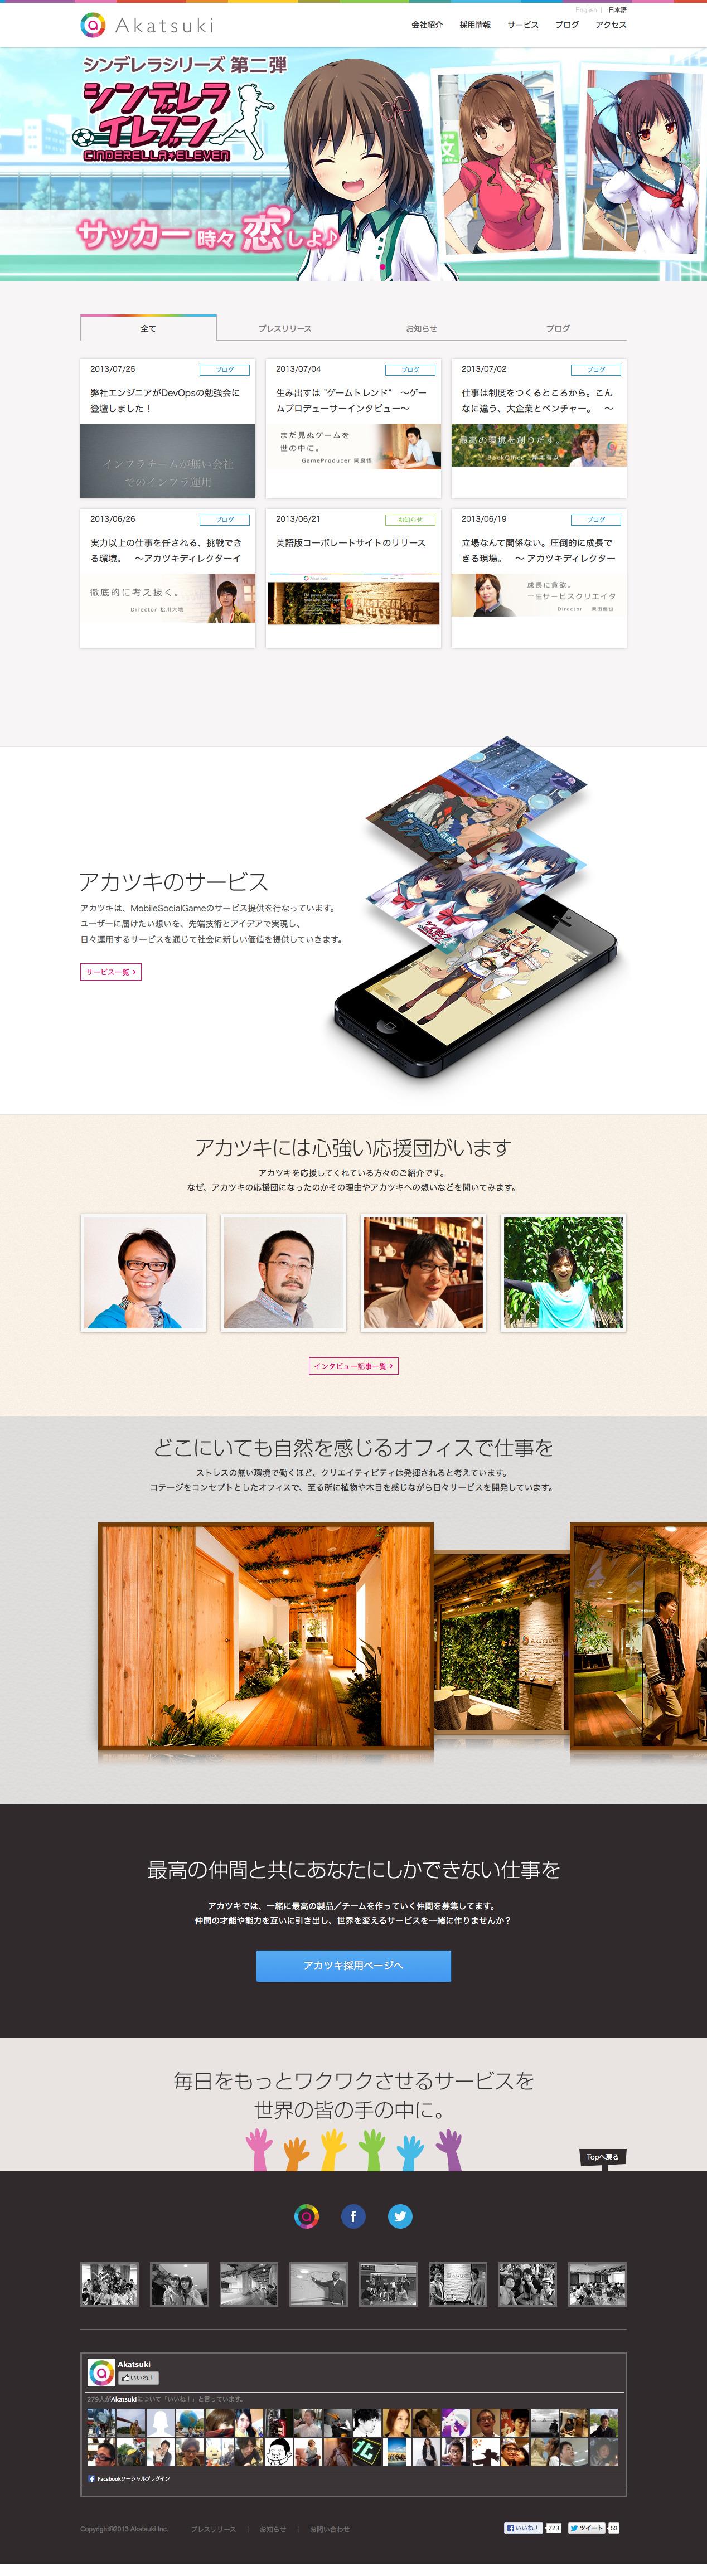 株式会社アカツキ(Akatsuki Inc.)